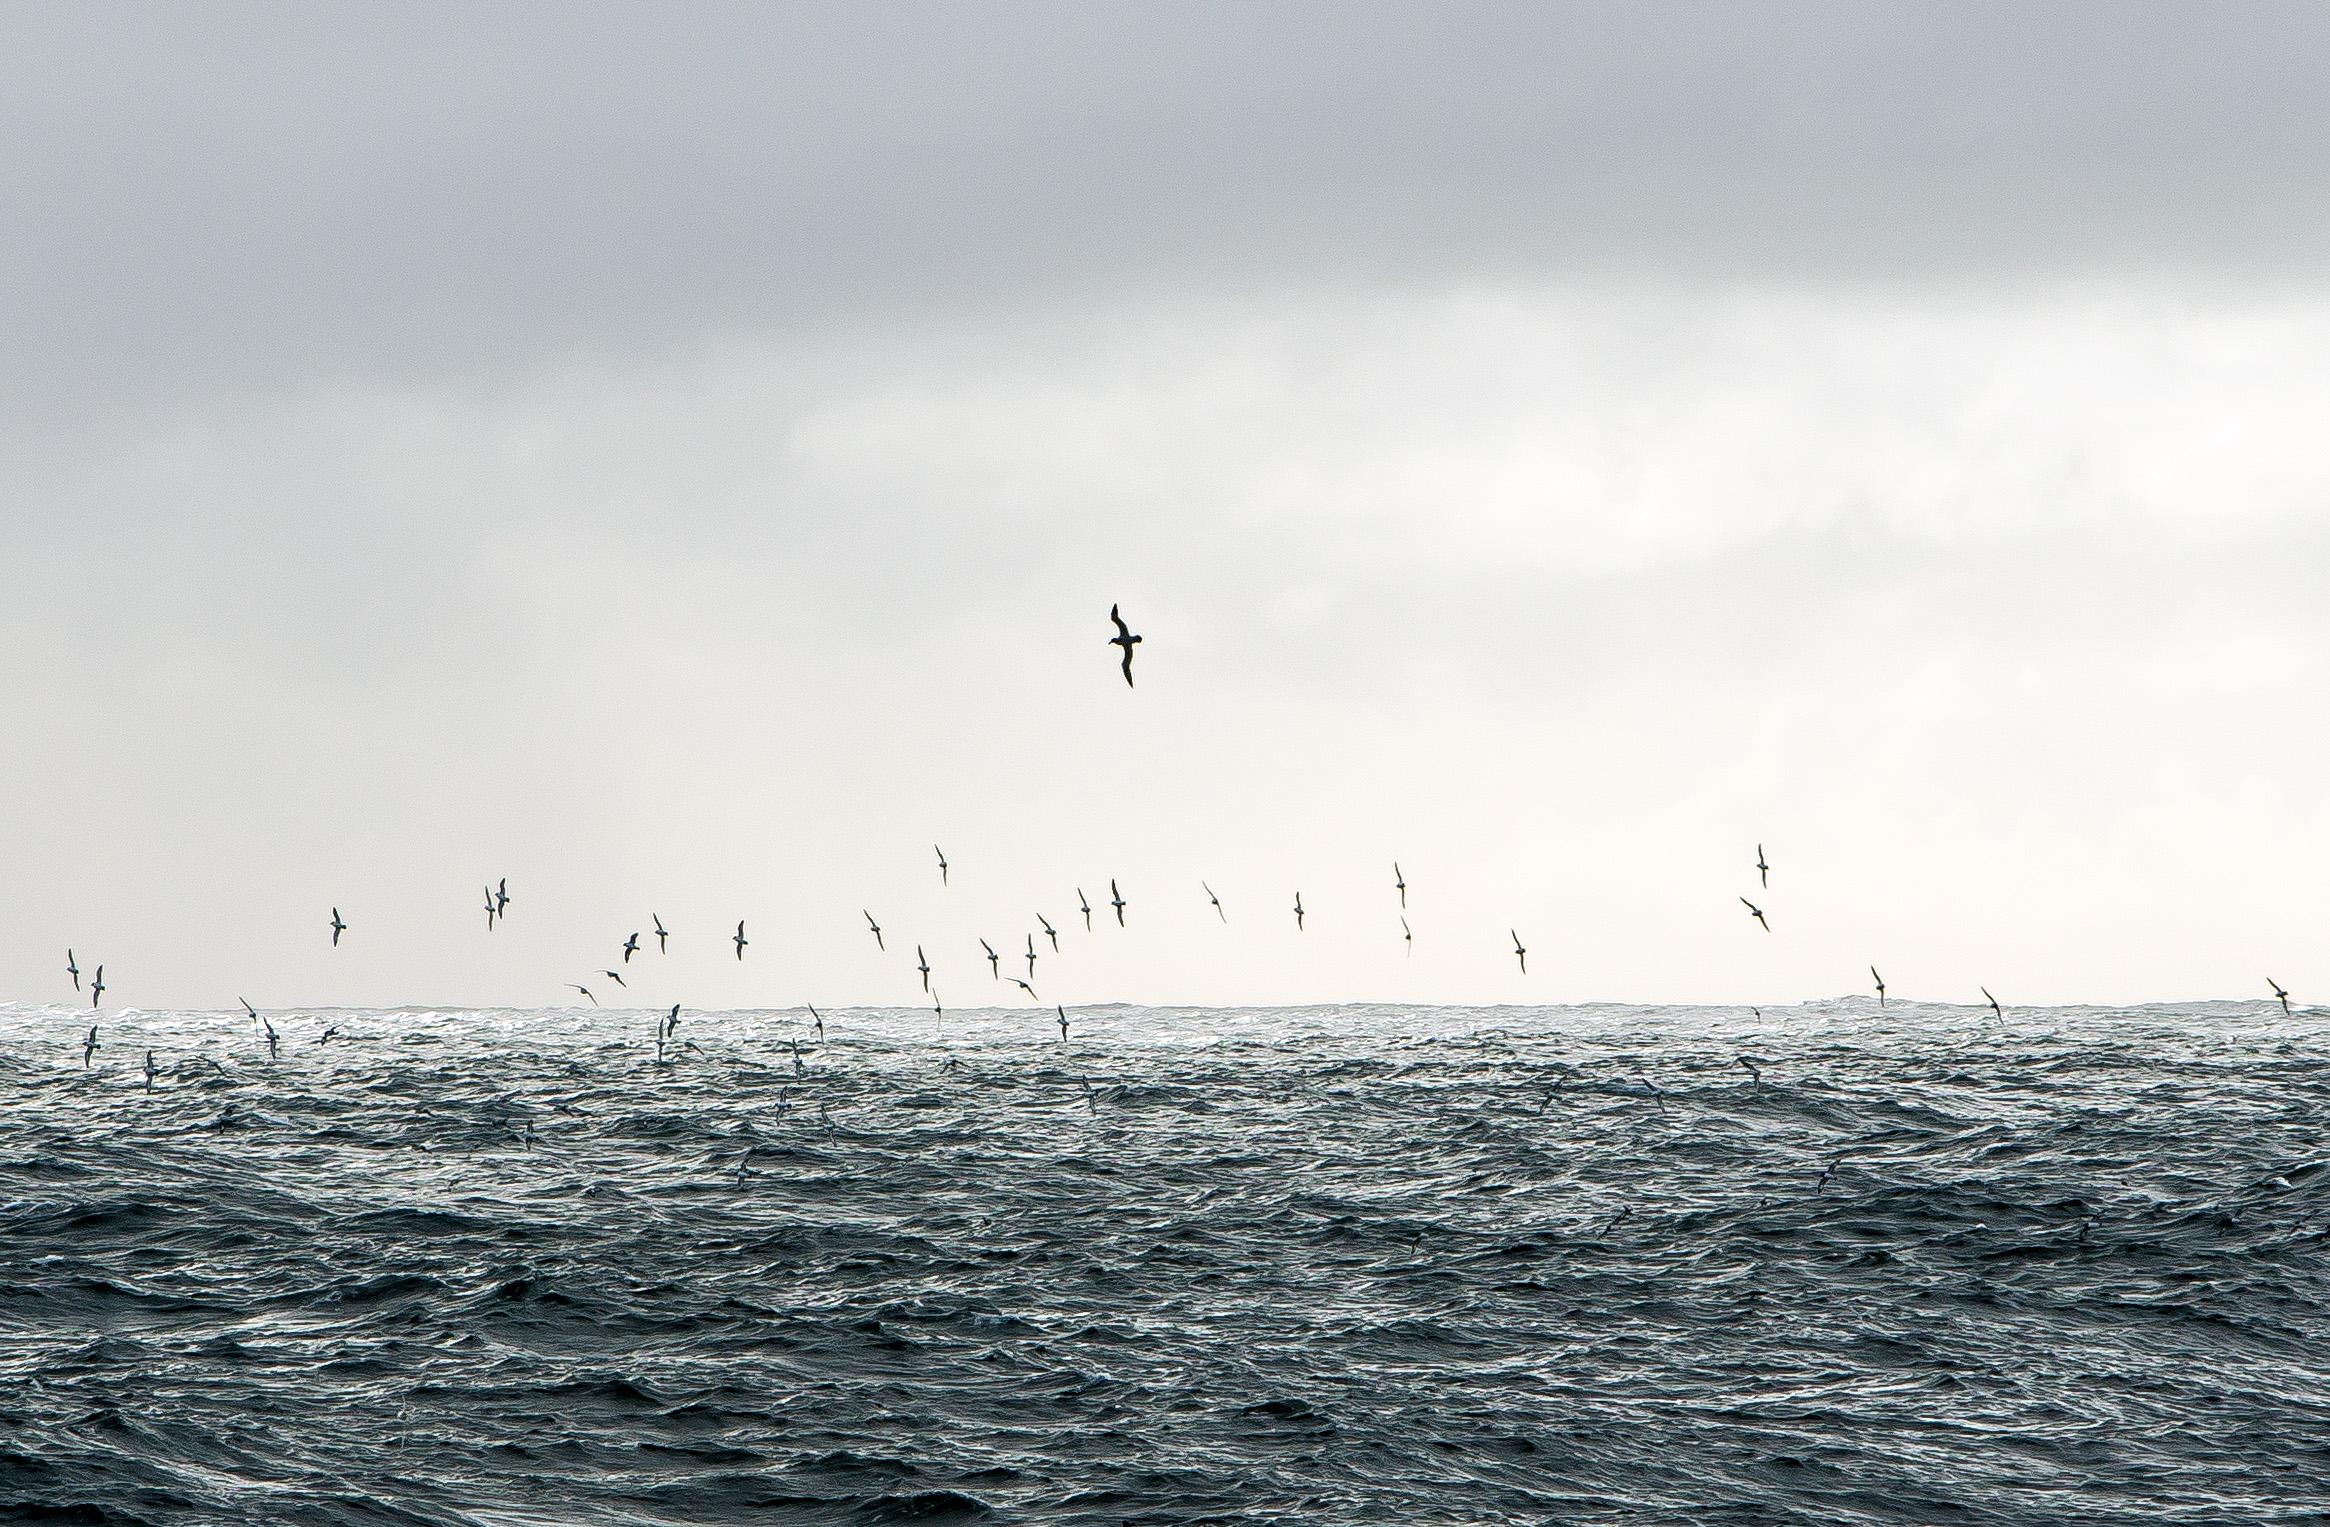 Birding_flock glide